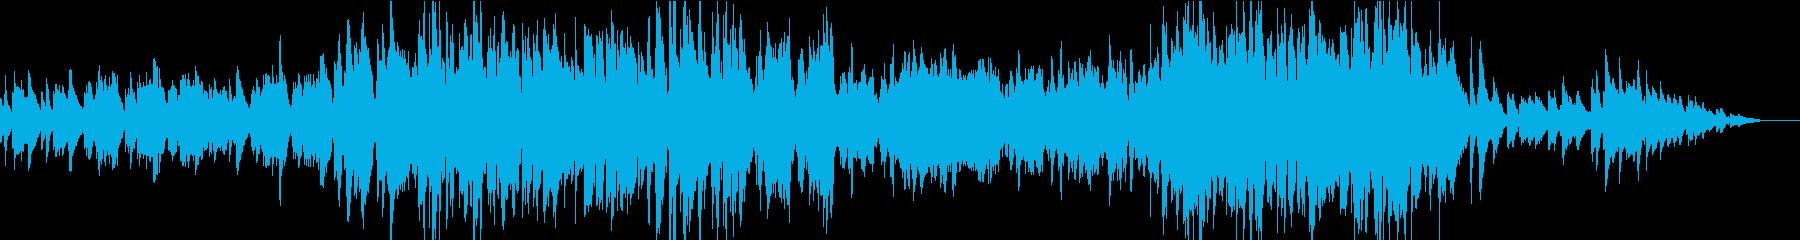 おしゃれなアコーディオンの再生済みの波形